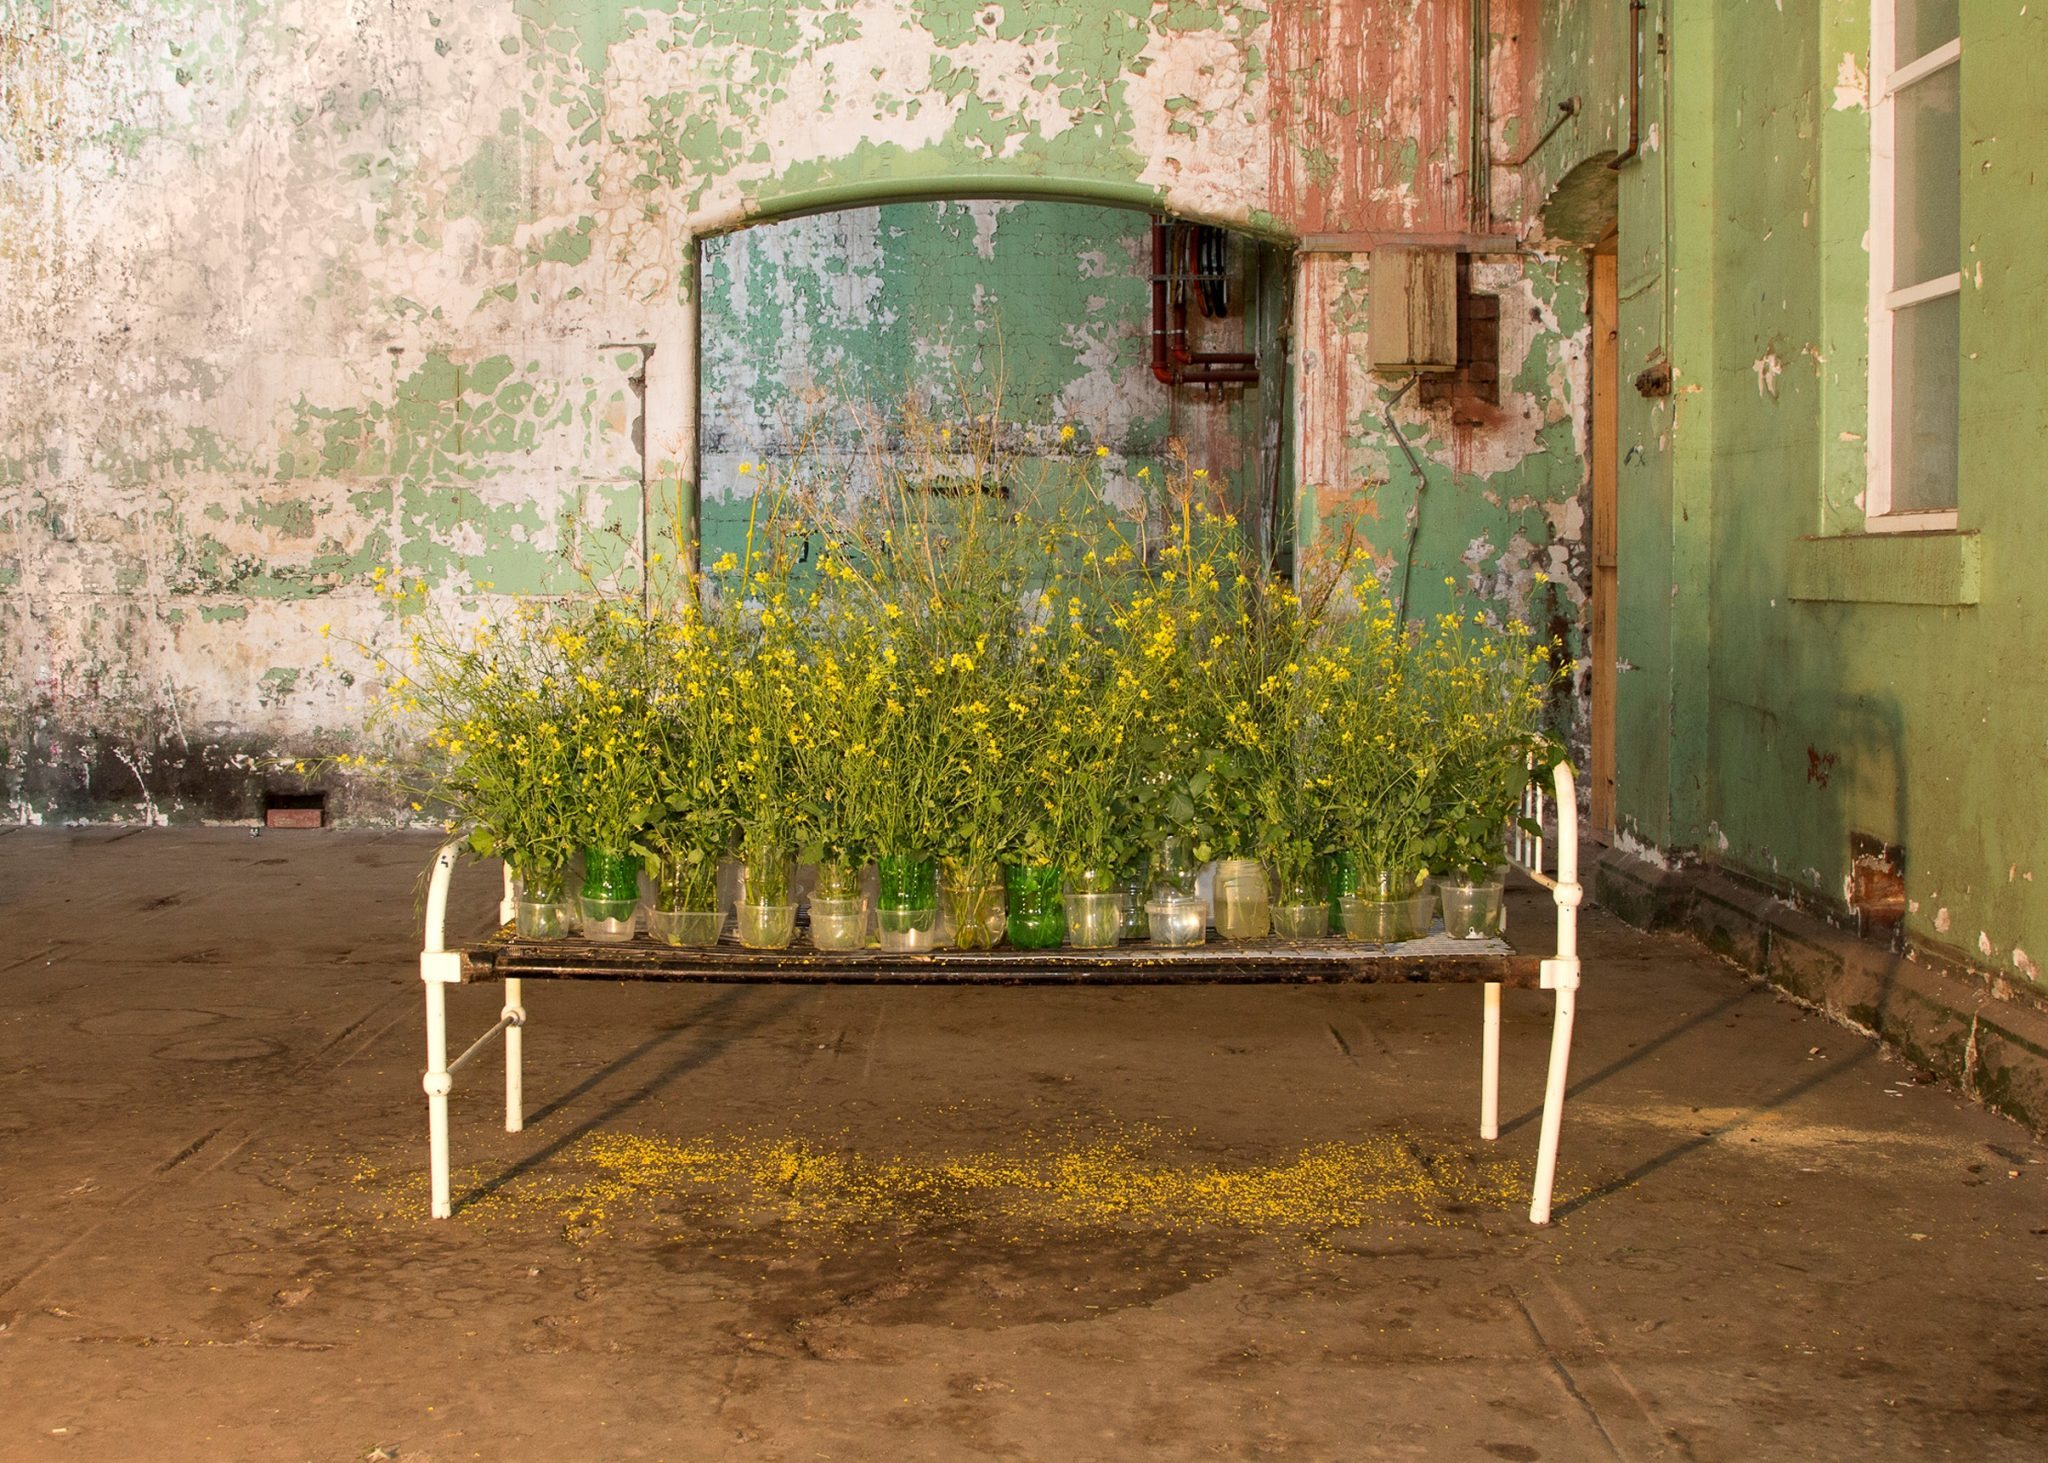 Lauren Berkowitz, 'Weeds and Wildflowers'